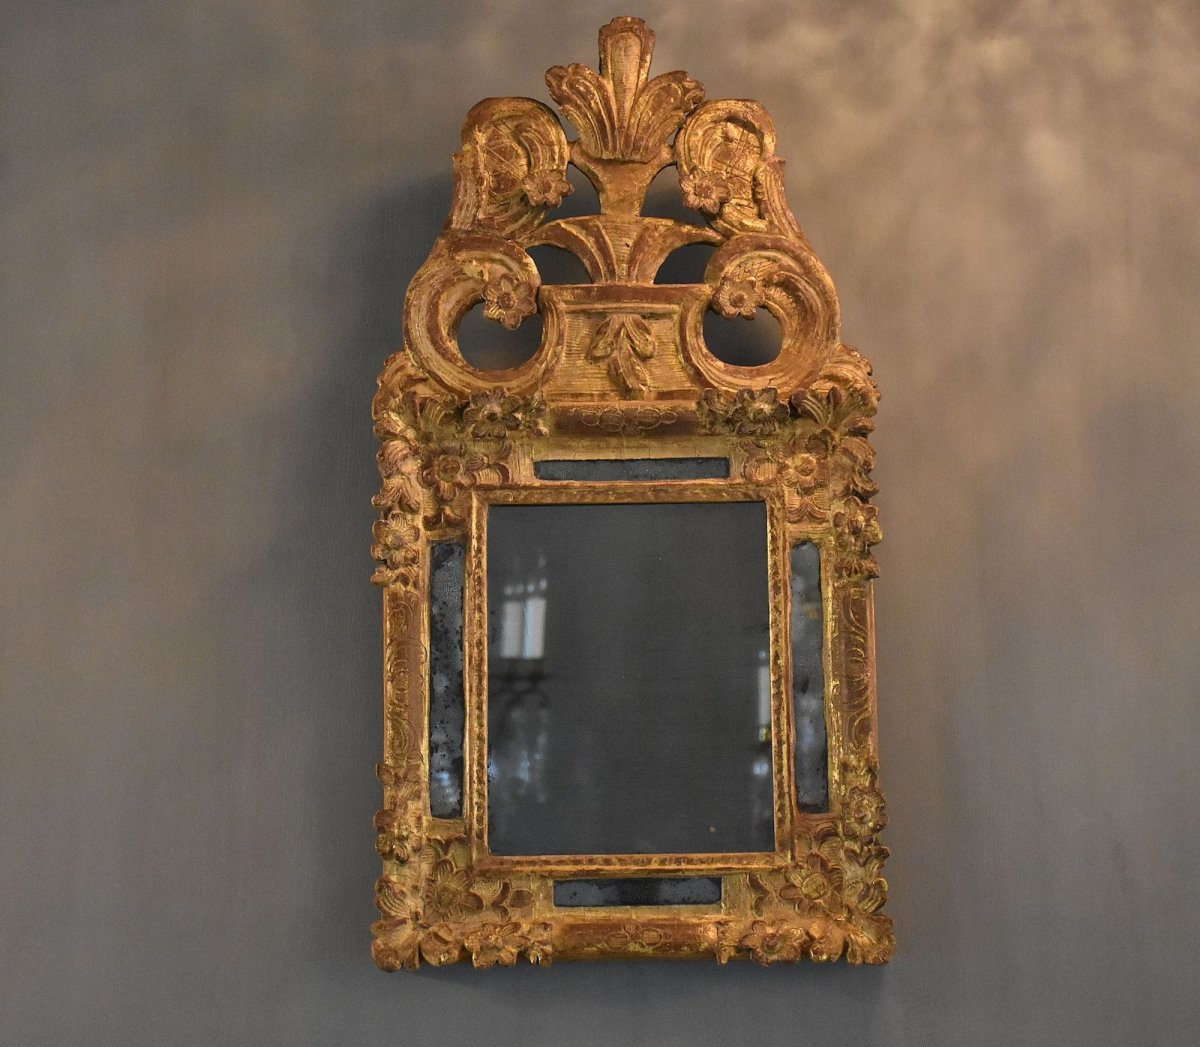 Un Miroir d'Epoque Louis XIV